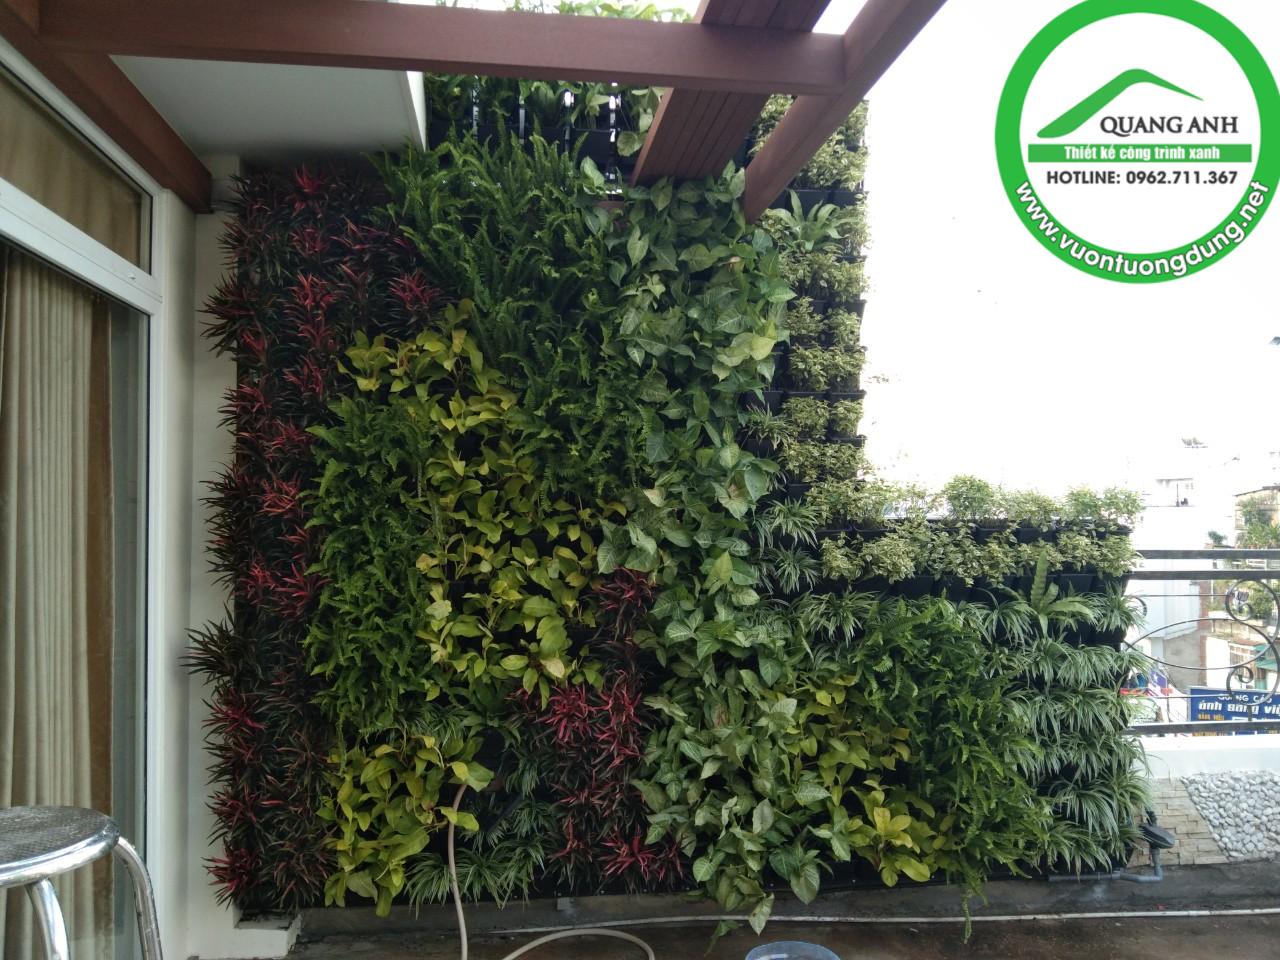 Quang Anh HCM - thi công vườn tường đứng đẹp cho chị khách hàng ở Hai Bà Trưng, Quận 3, TPHCM đón tết!